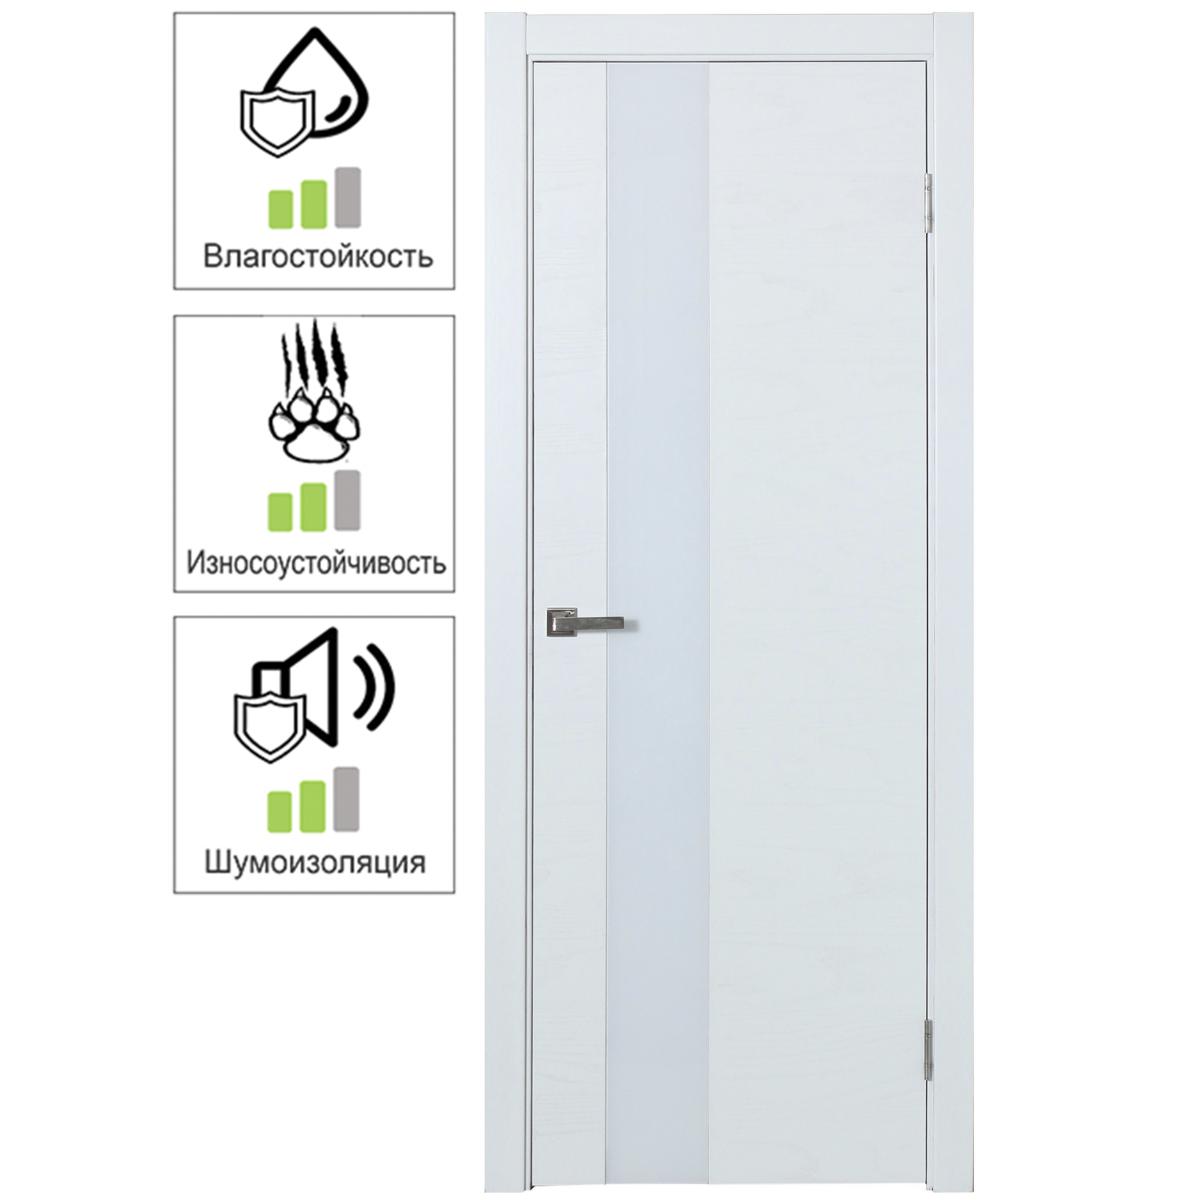 Дверь межкомнатная остеклённая шпон Модерн 70x200 см цвет белый ясень